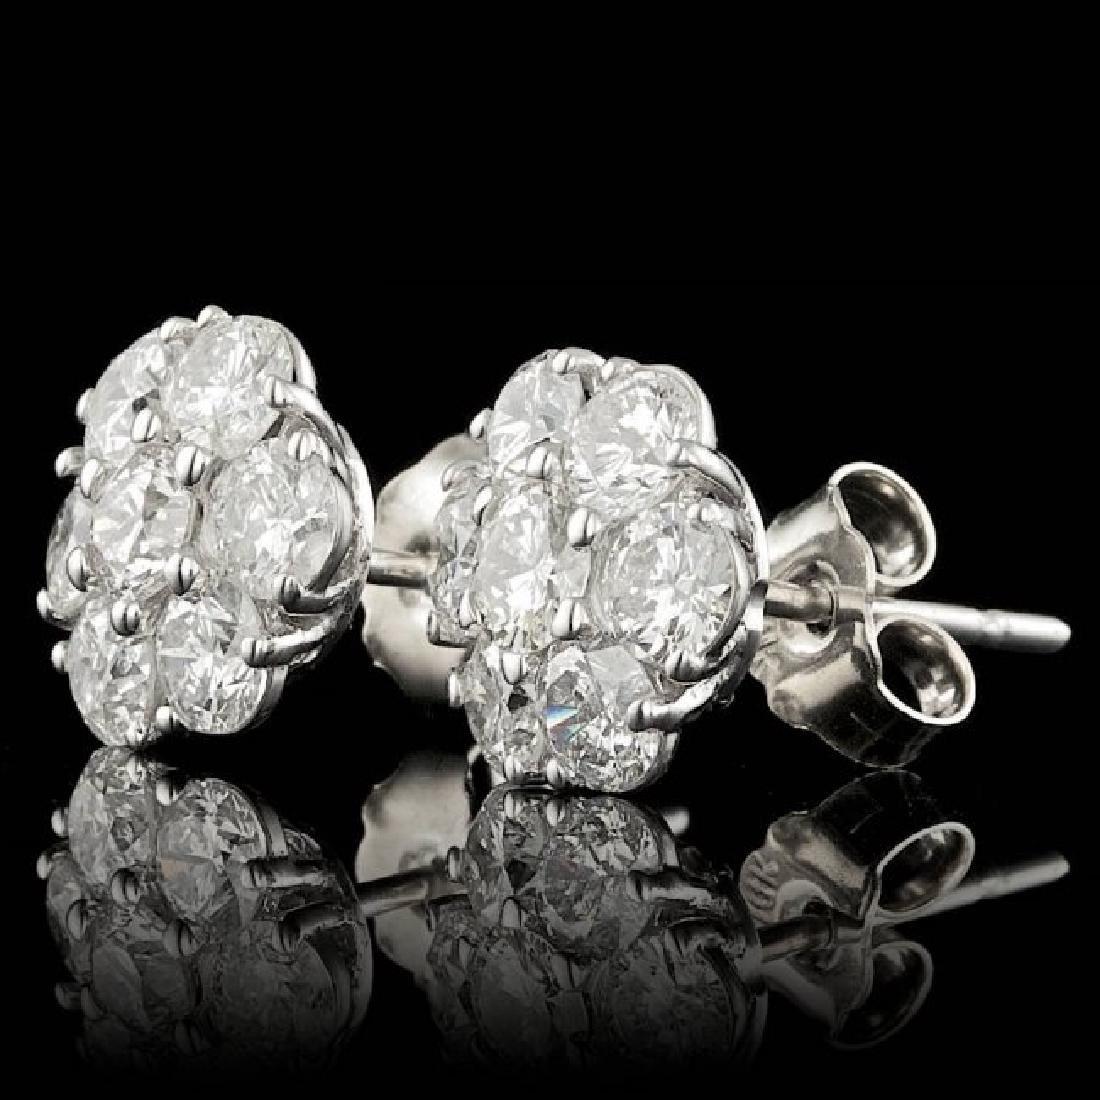 14k White Gold 2.35ct Diamond Earrings - 2